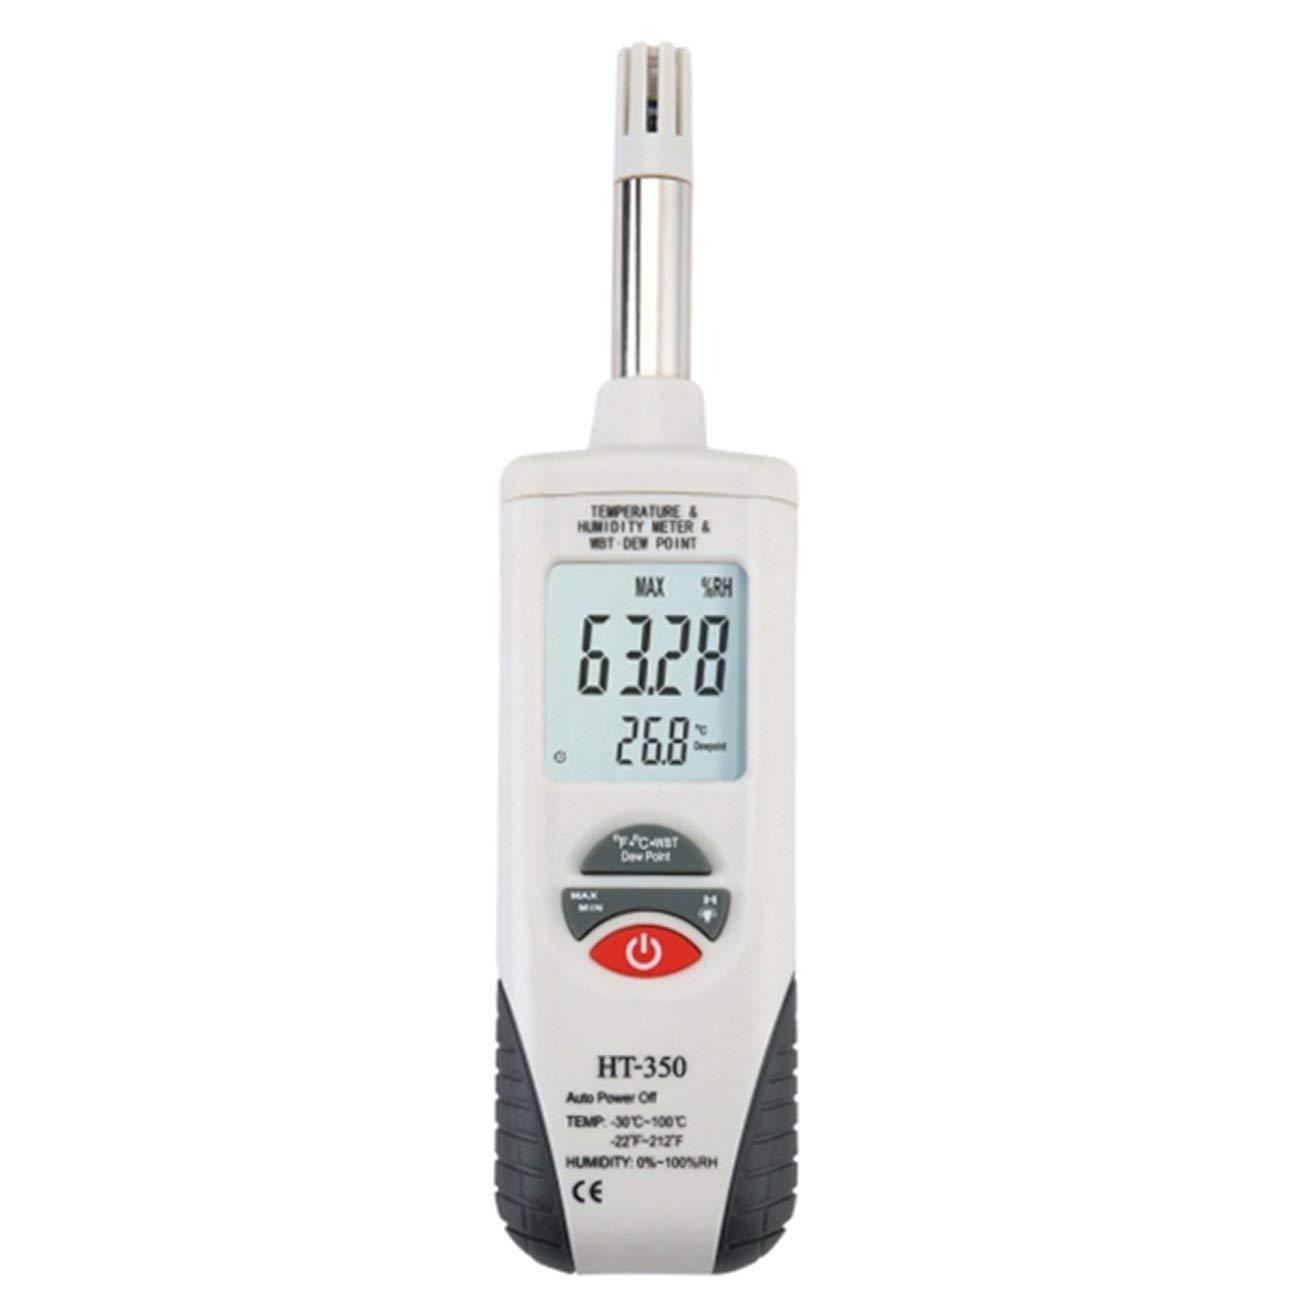 Misuratore di umidità per la misurazione della Temperatura del Display LCD con termometro ad Alta precisione HT-350 Jiobapiongxin